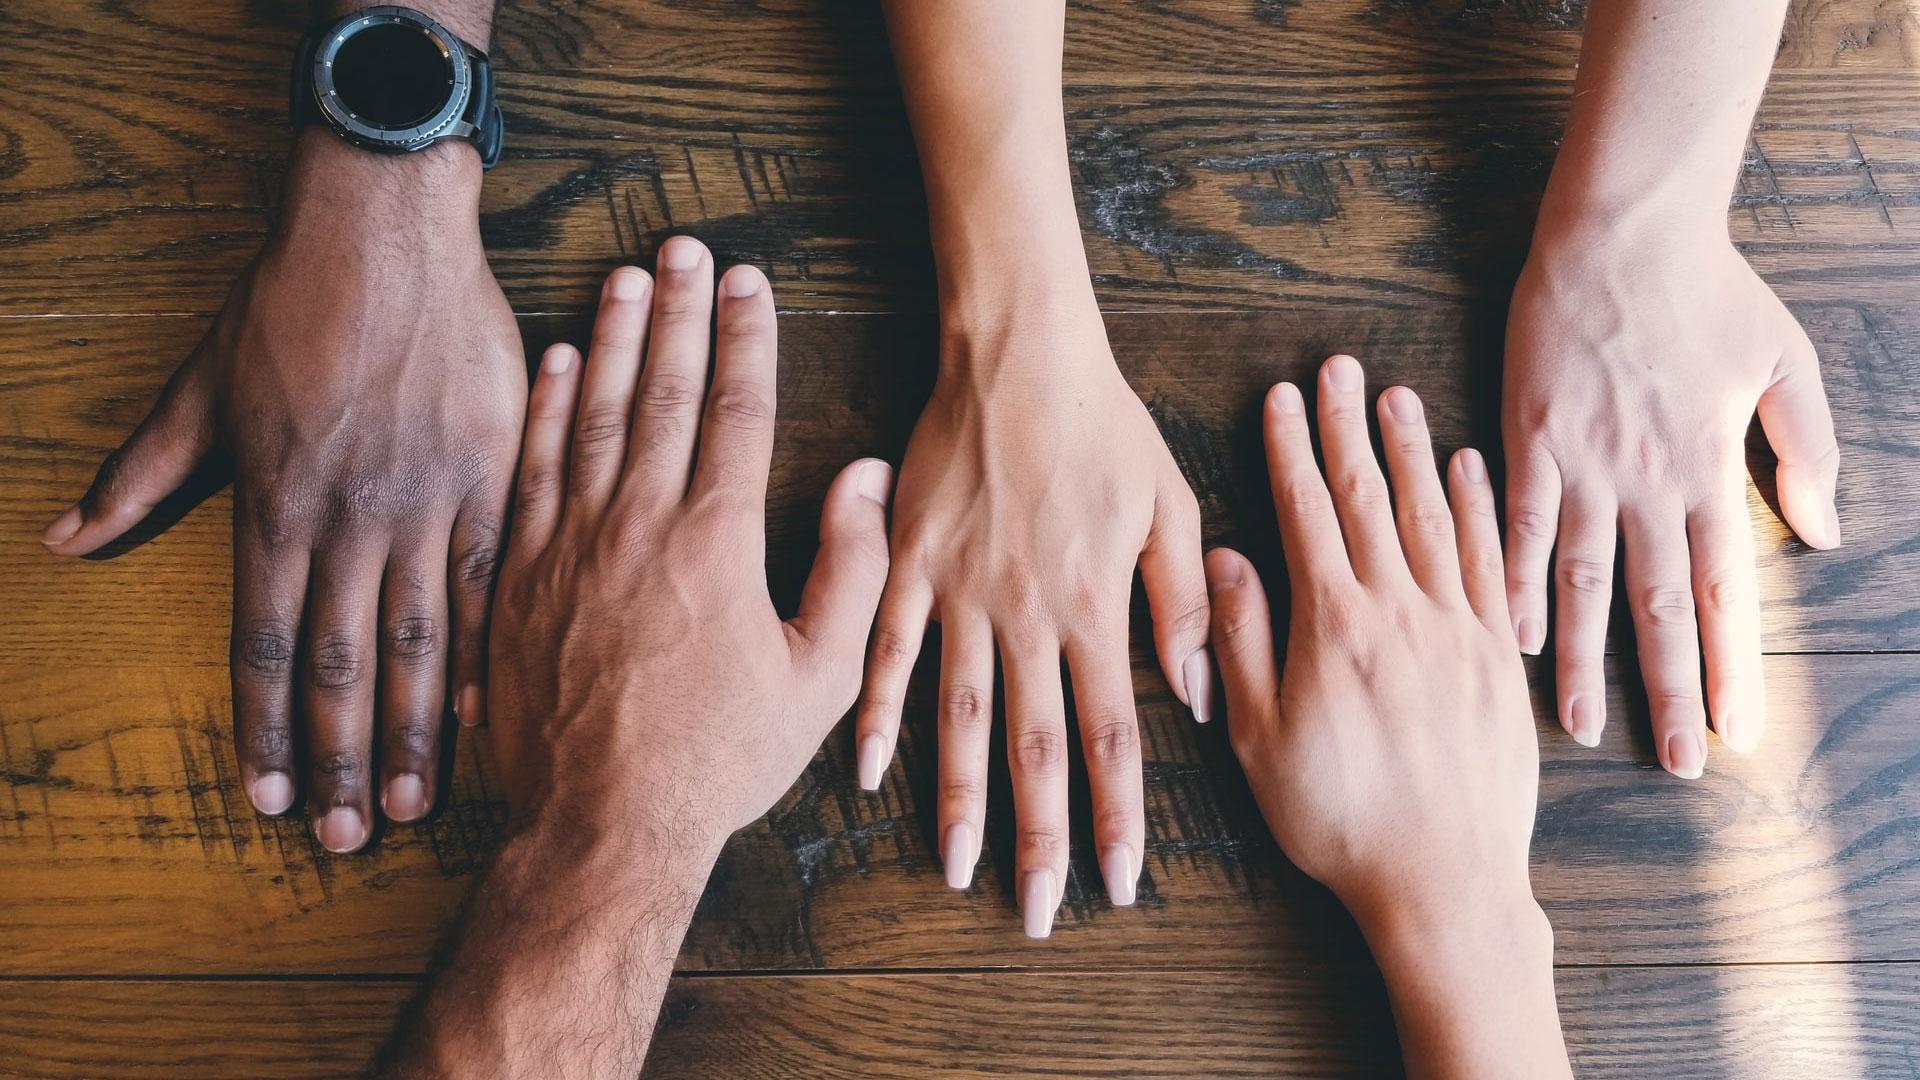 Imagem com mãos ao lado uma das outras